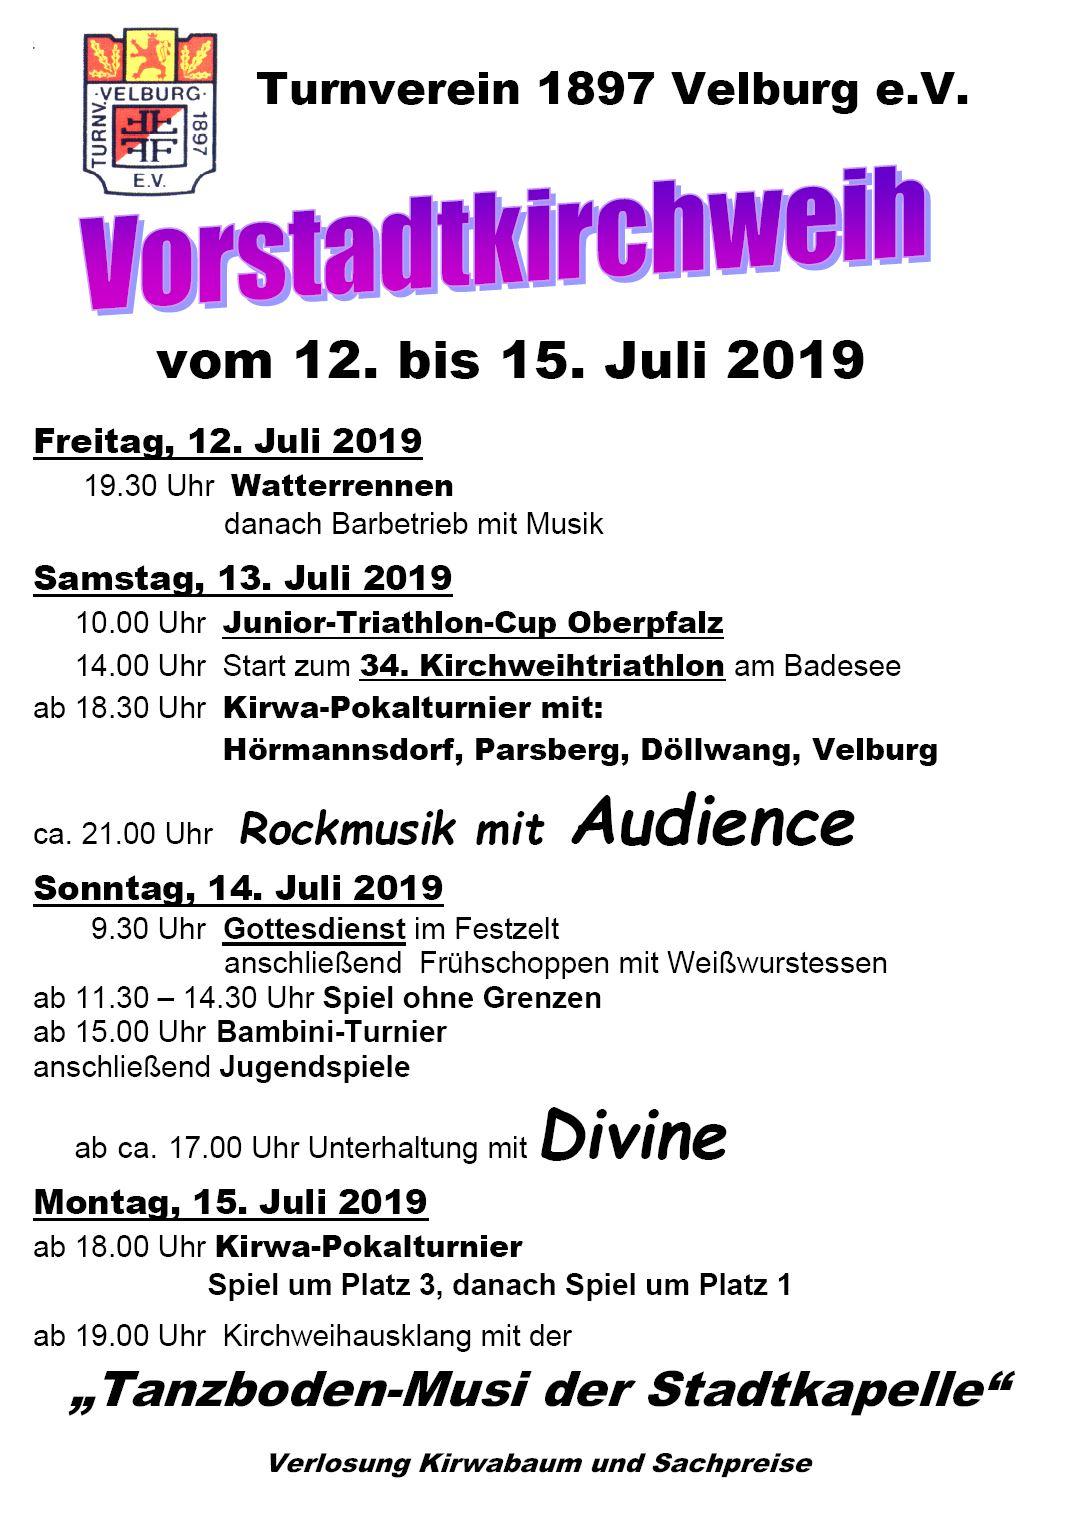 Vorstadtkirchweih 2019 - alle Infos